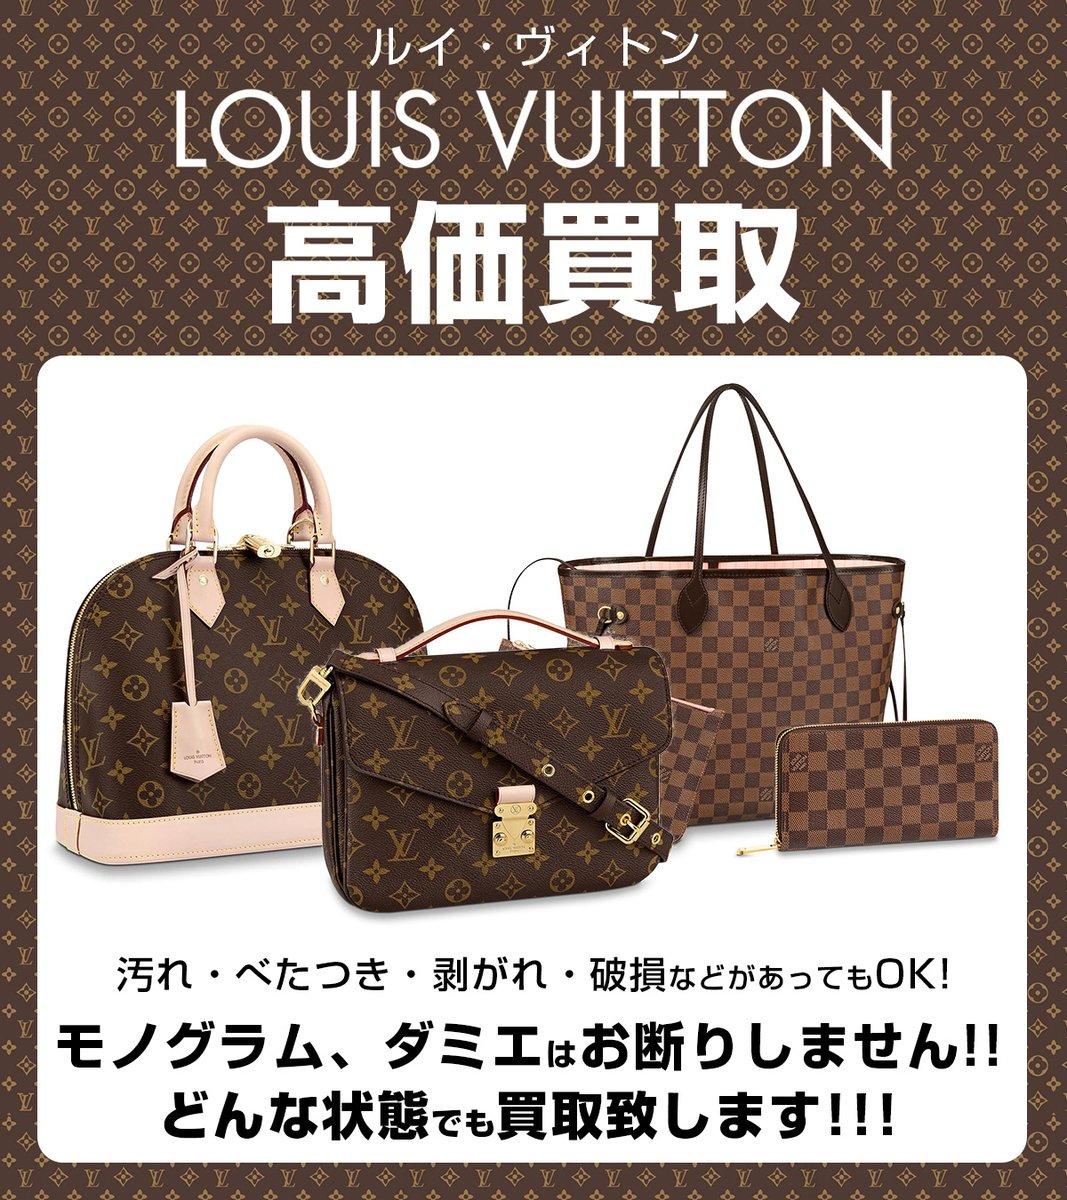 ブランド品の買取販売WanBoo様が開催中のキャンペーン画像3655